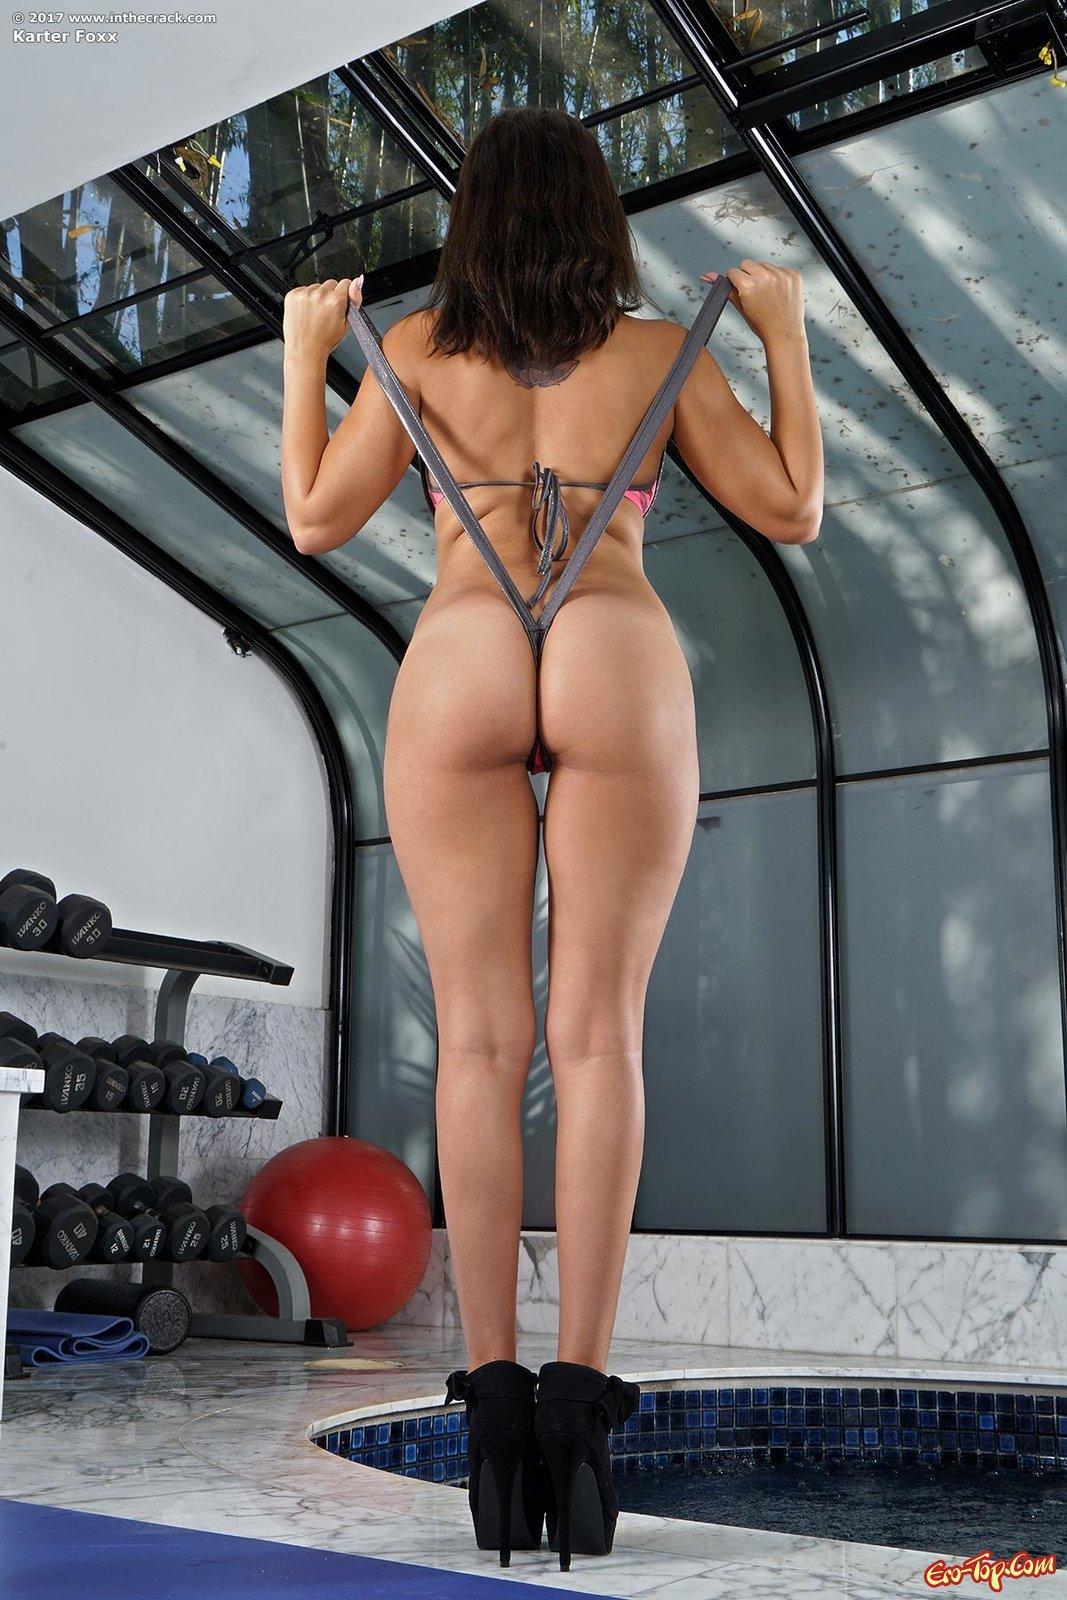 Обнаженная модель оголила розовую вагину секс фото